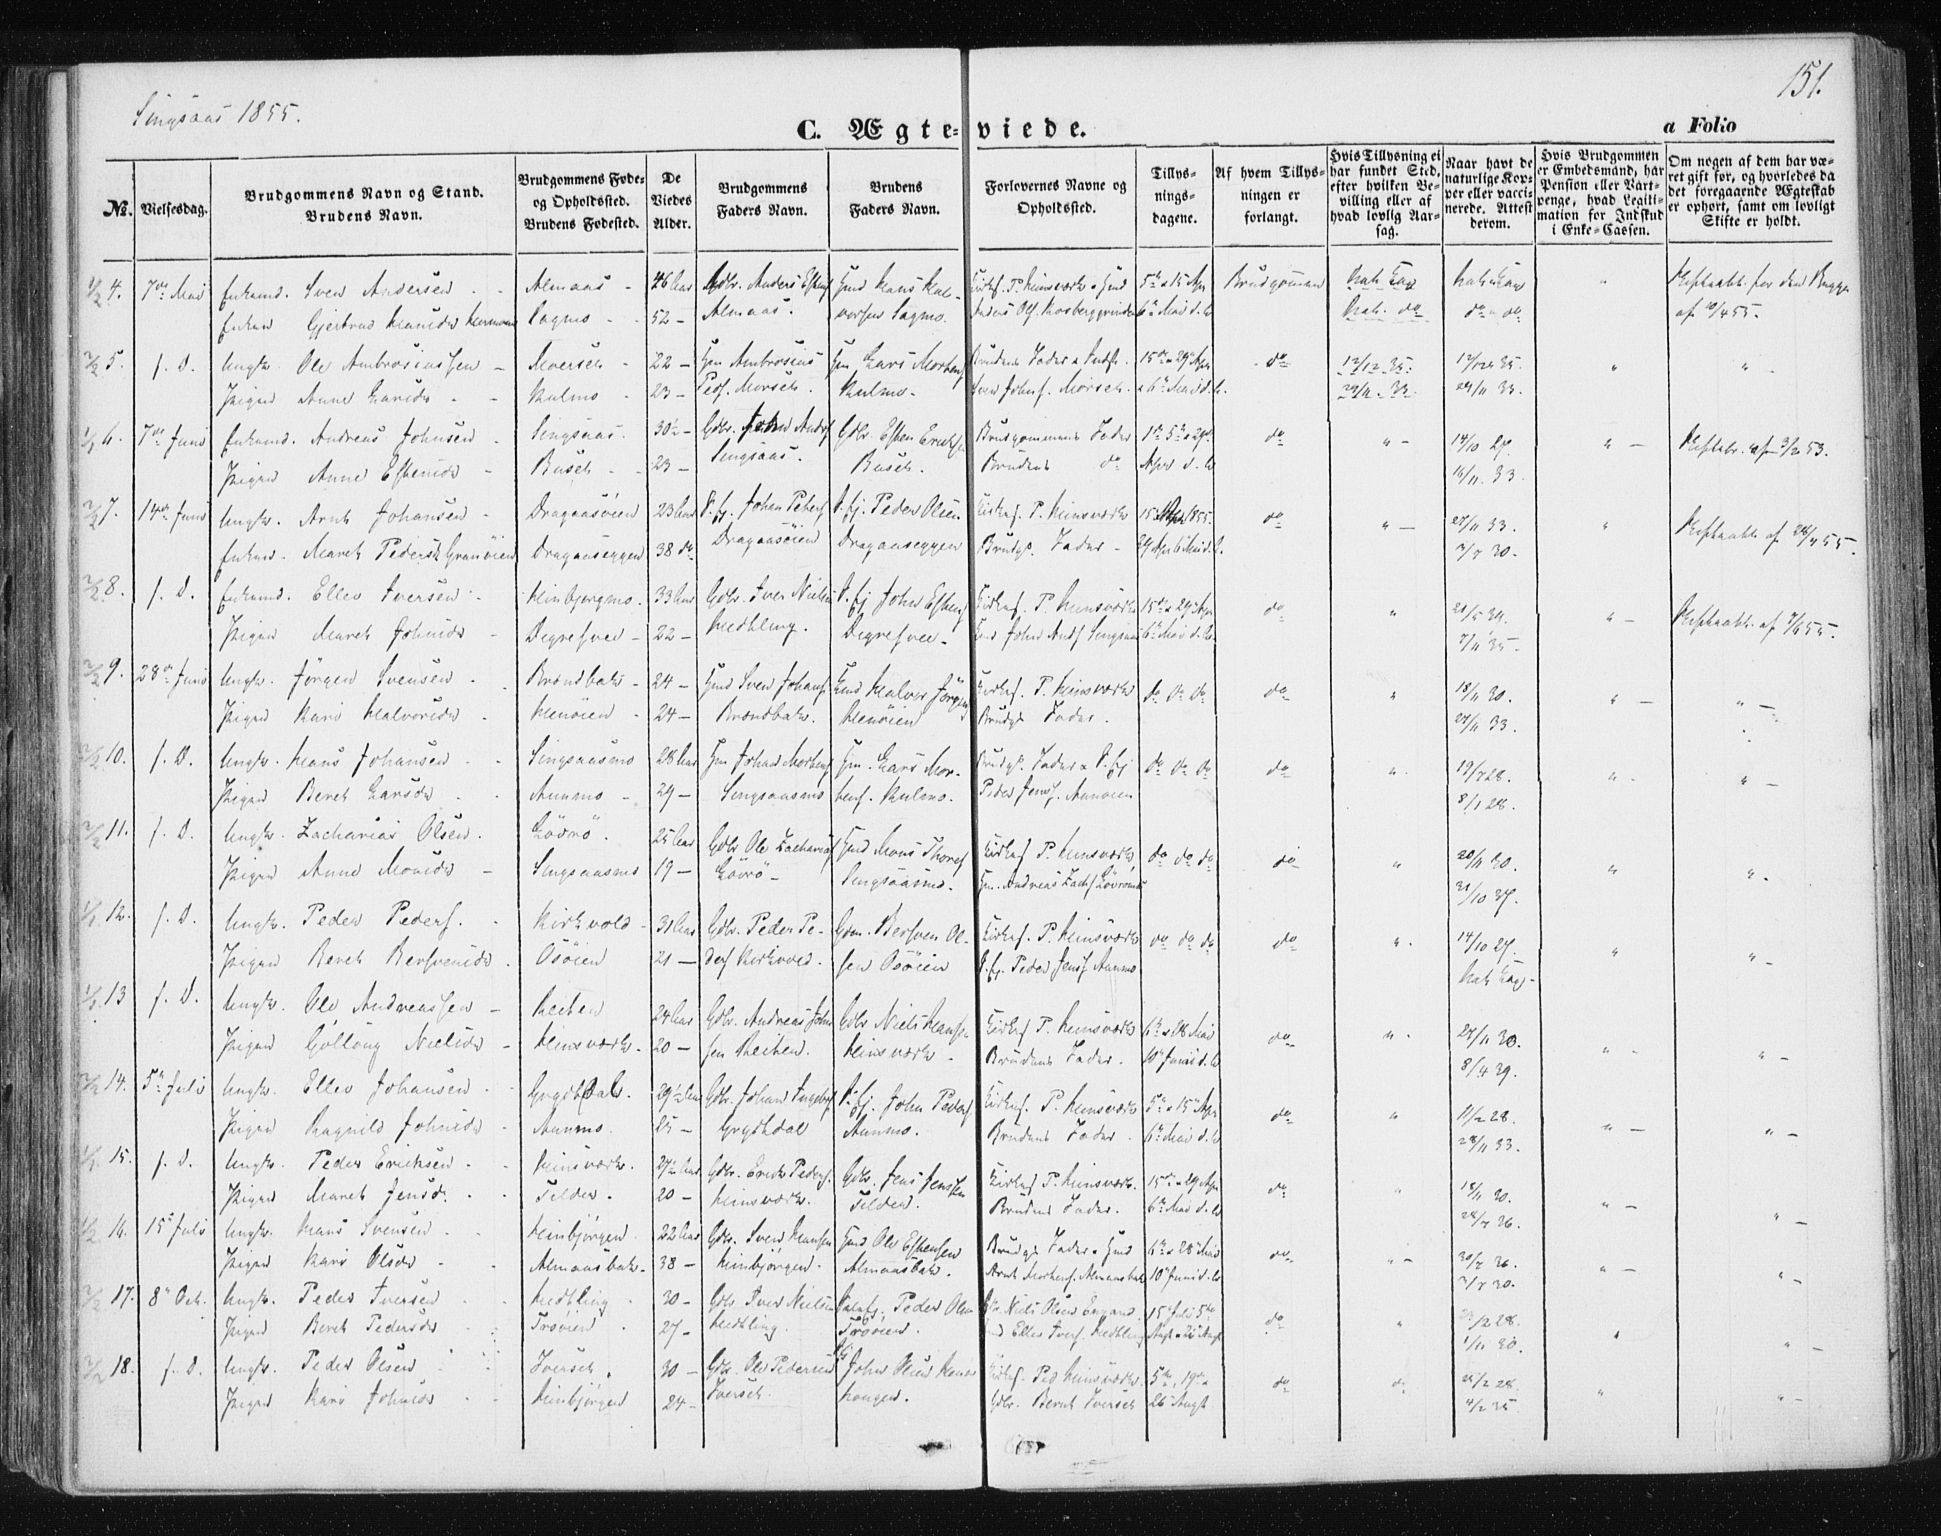 SAT, Ministerialprotokoller, klokkerbøker og fødselsregistre - Sør-Trøndelag, 685/L0964: Ministerialbok nr. 685A06 /2, 1846-1859, s. 151